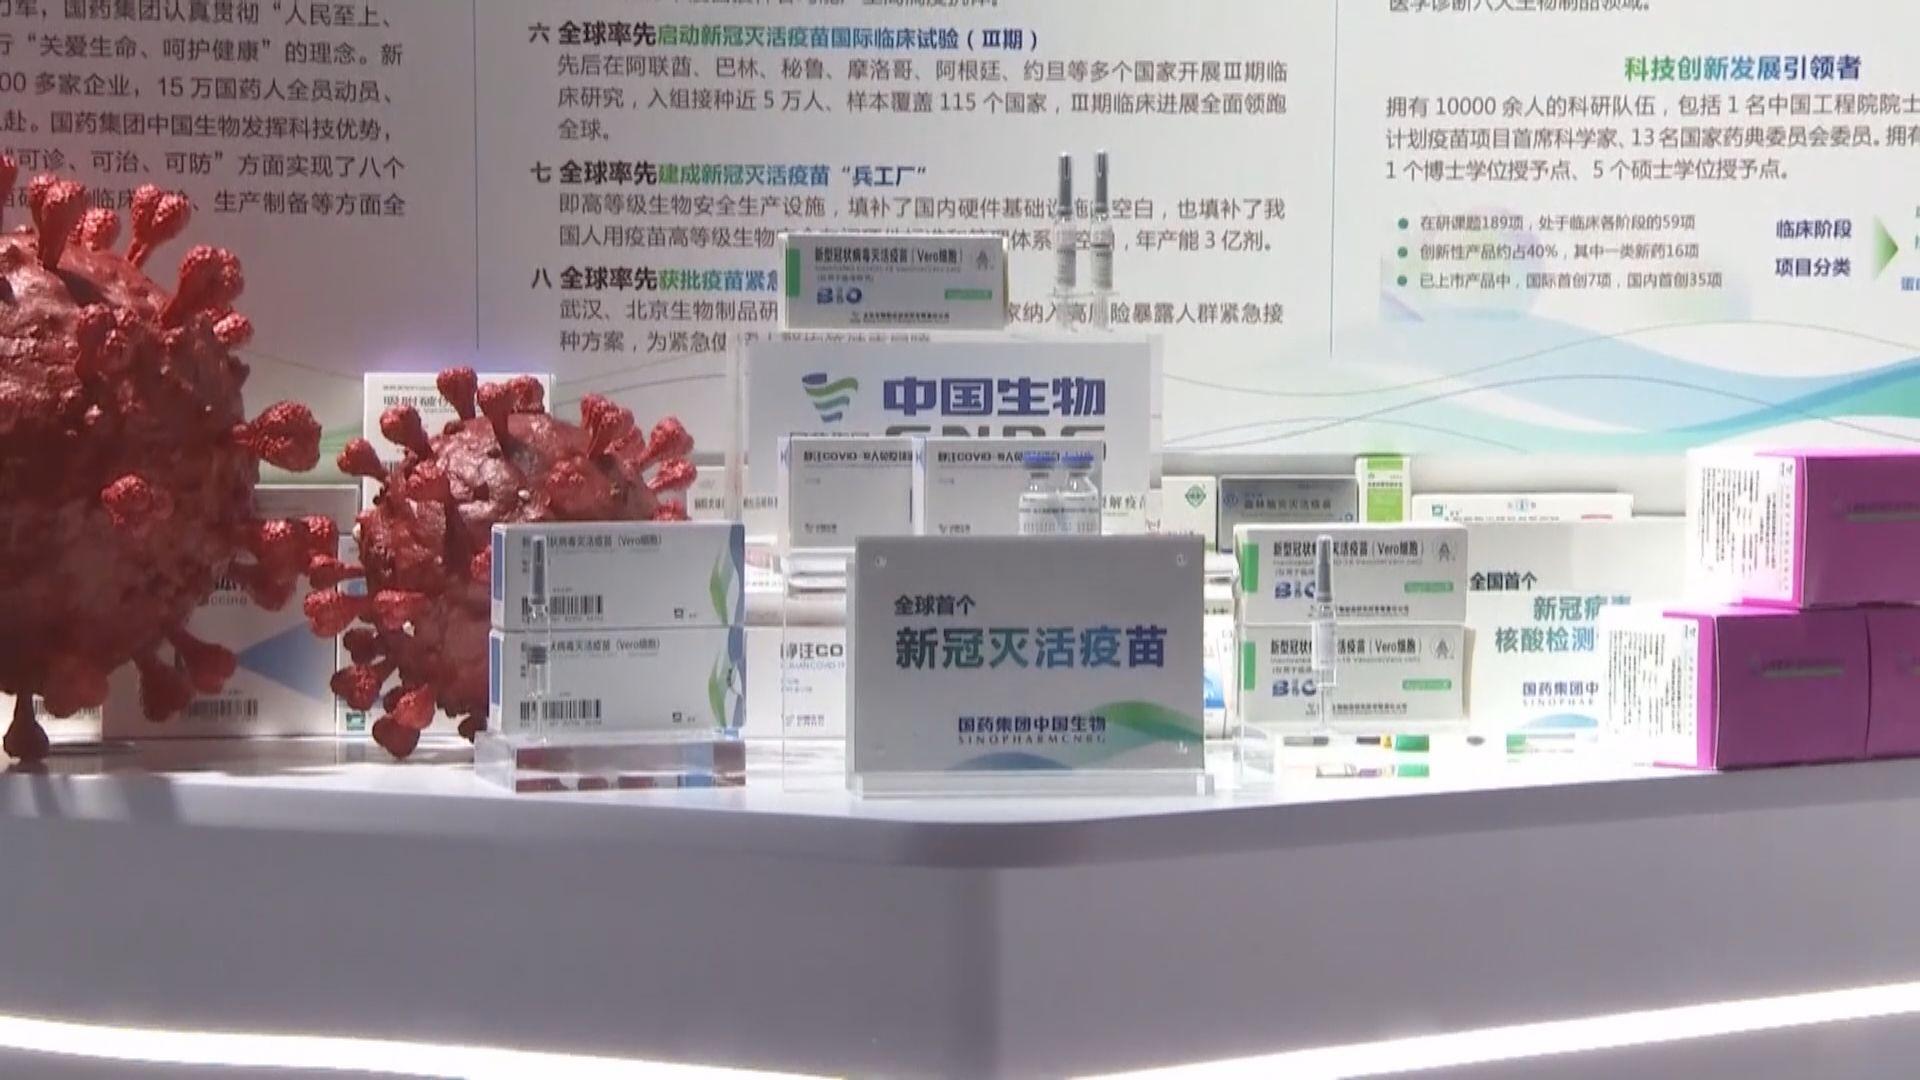 中國國企旗下公司研製疫苗有望年底上市